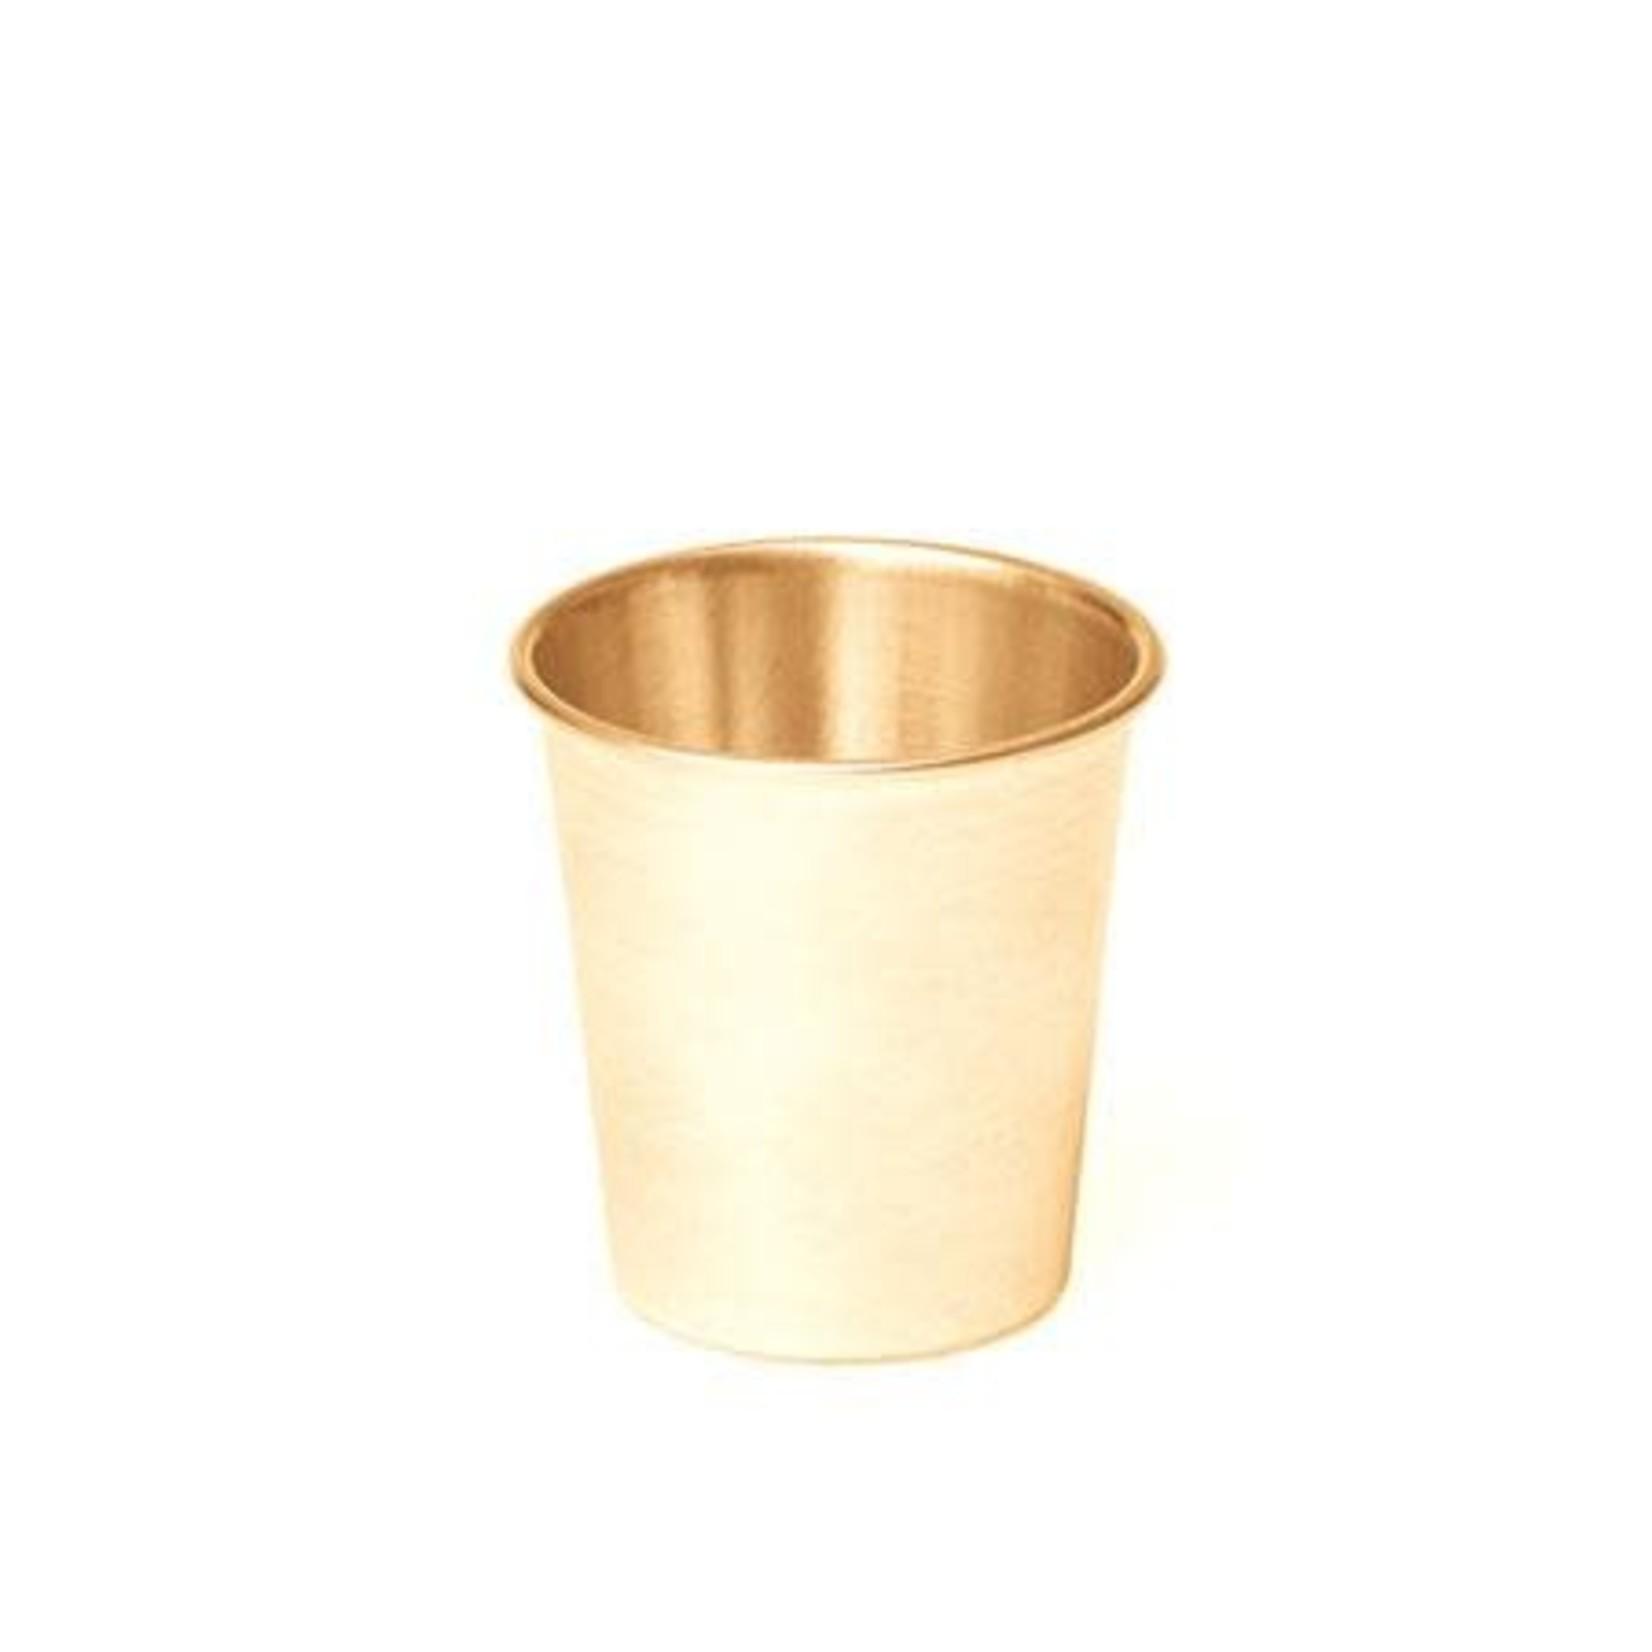 Fog Linen Fog Linen Brass Cup